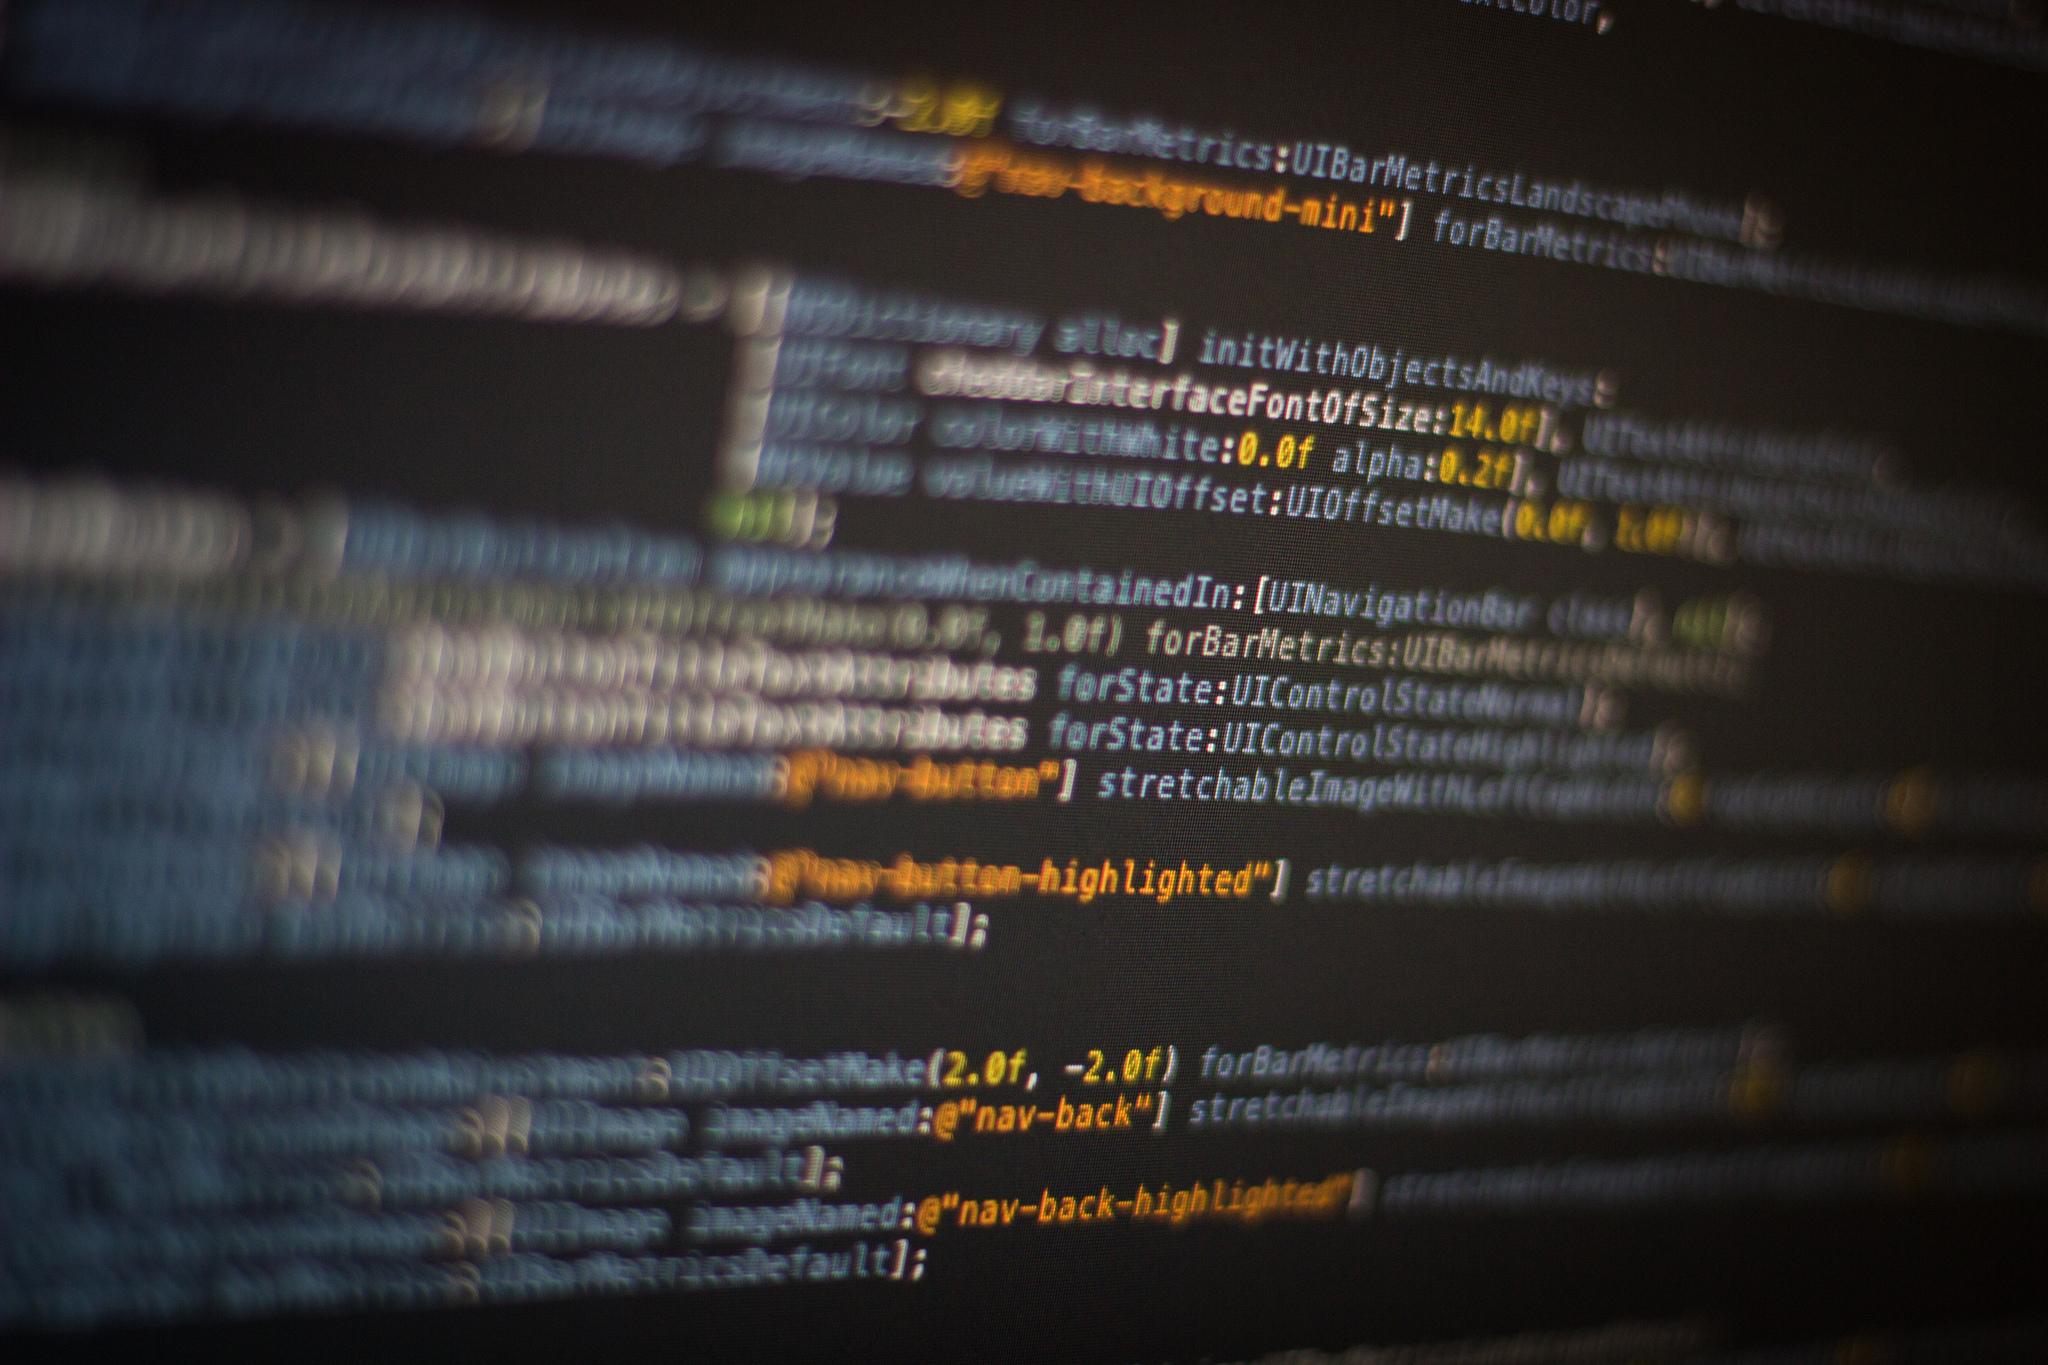 2048x1365 > Code Wallpapers